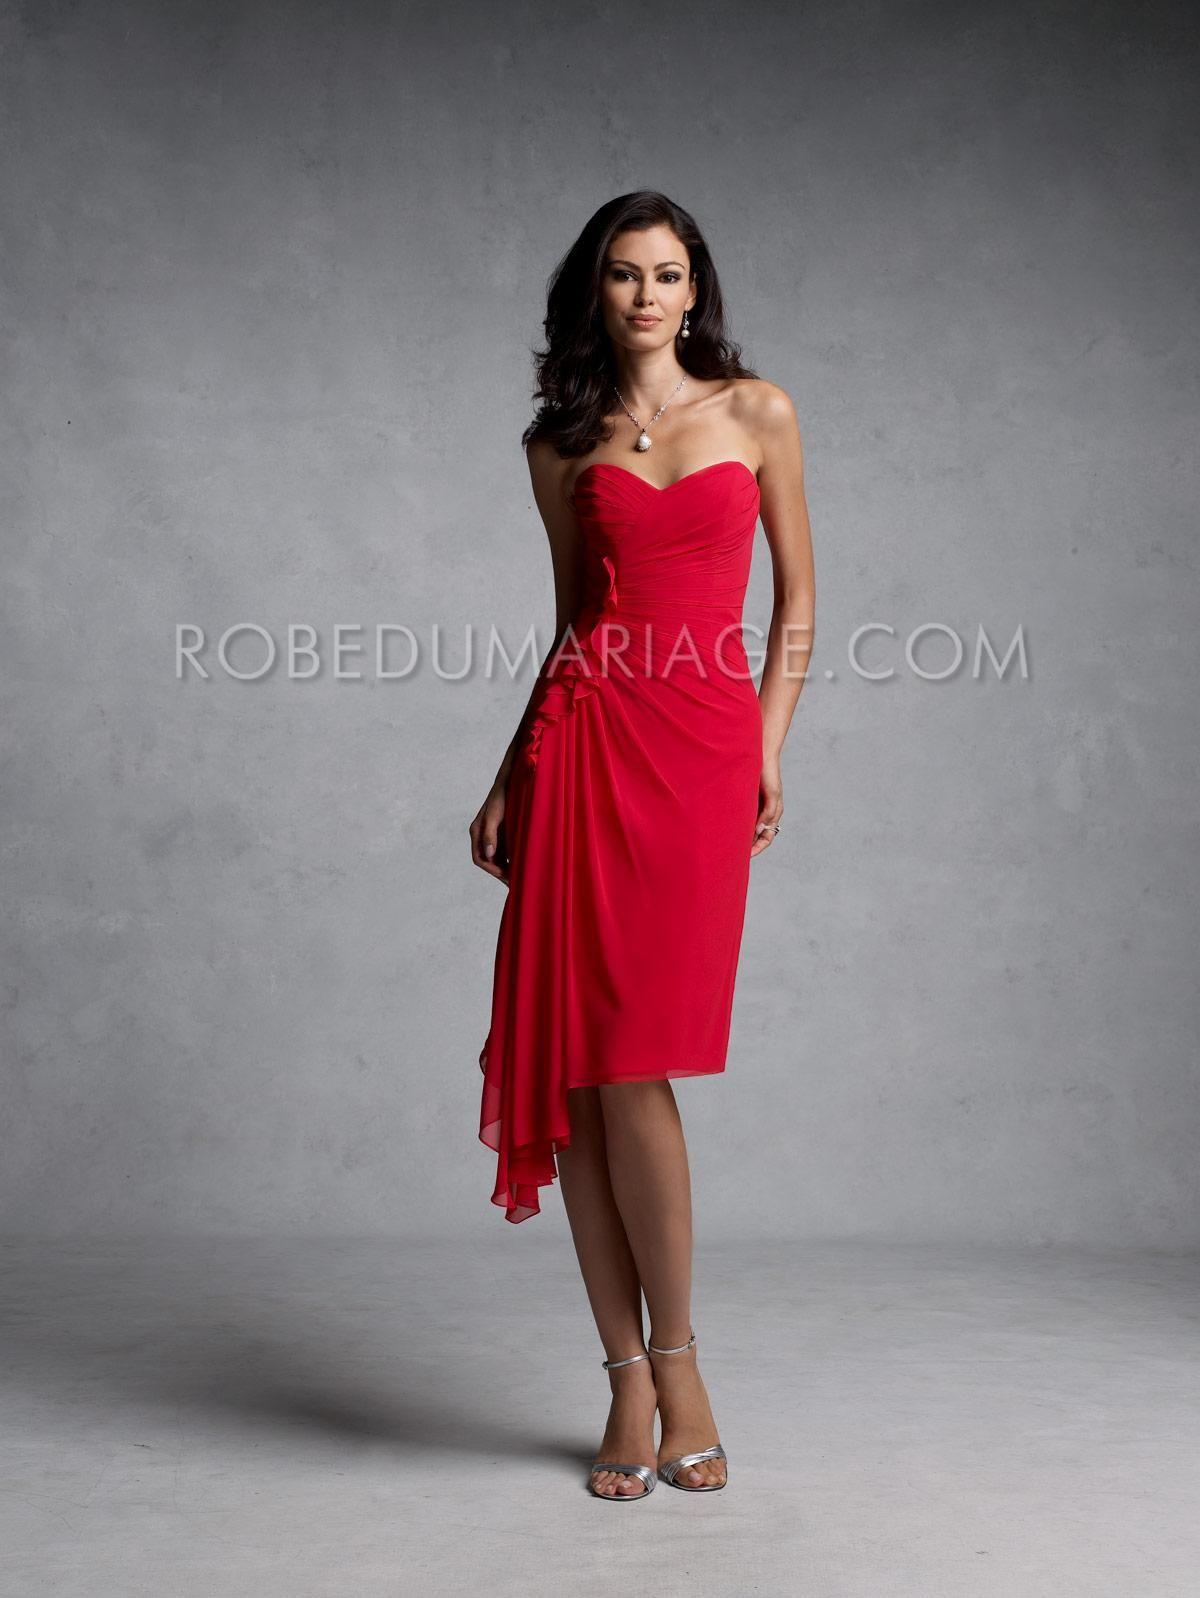 Robe de soiree pour mariage prix